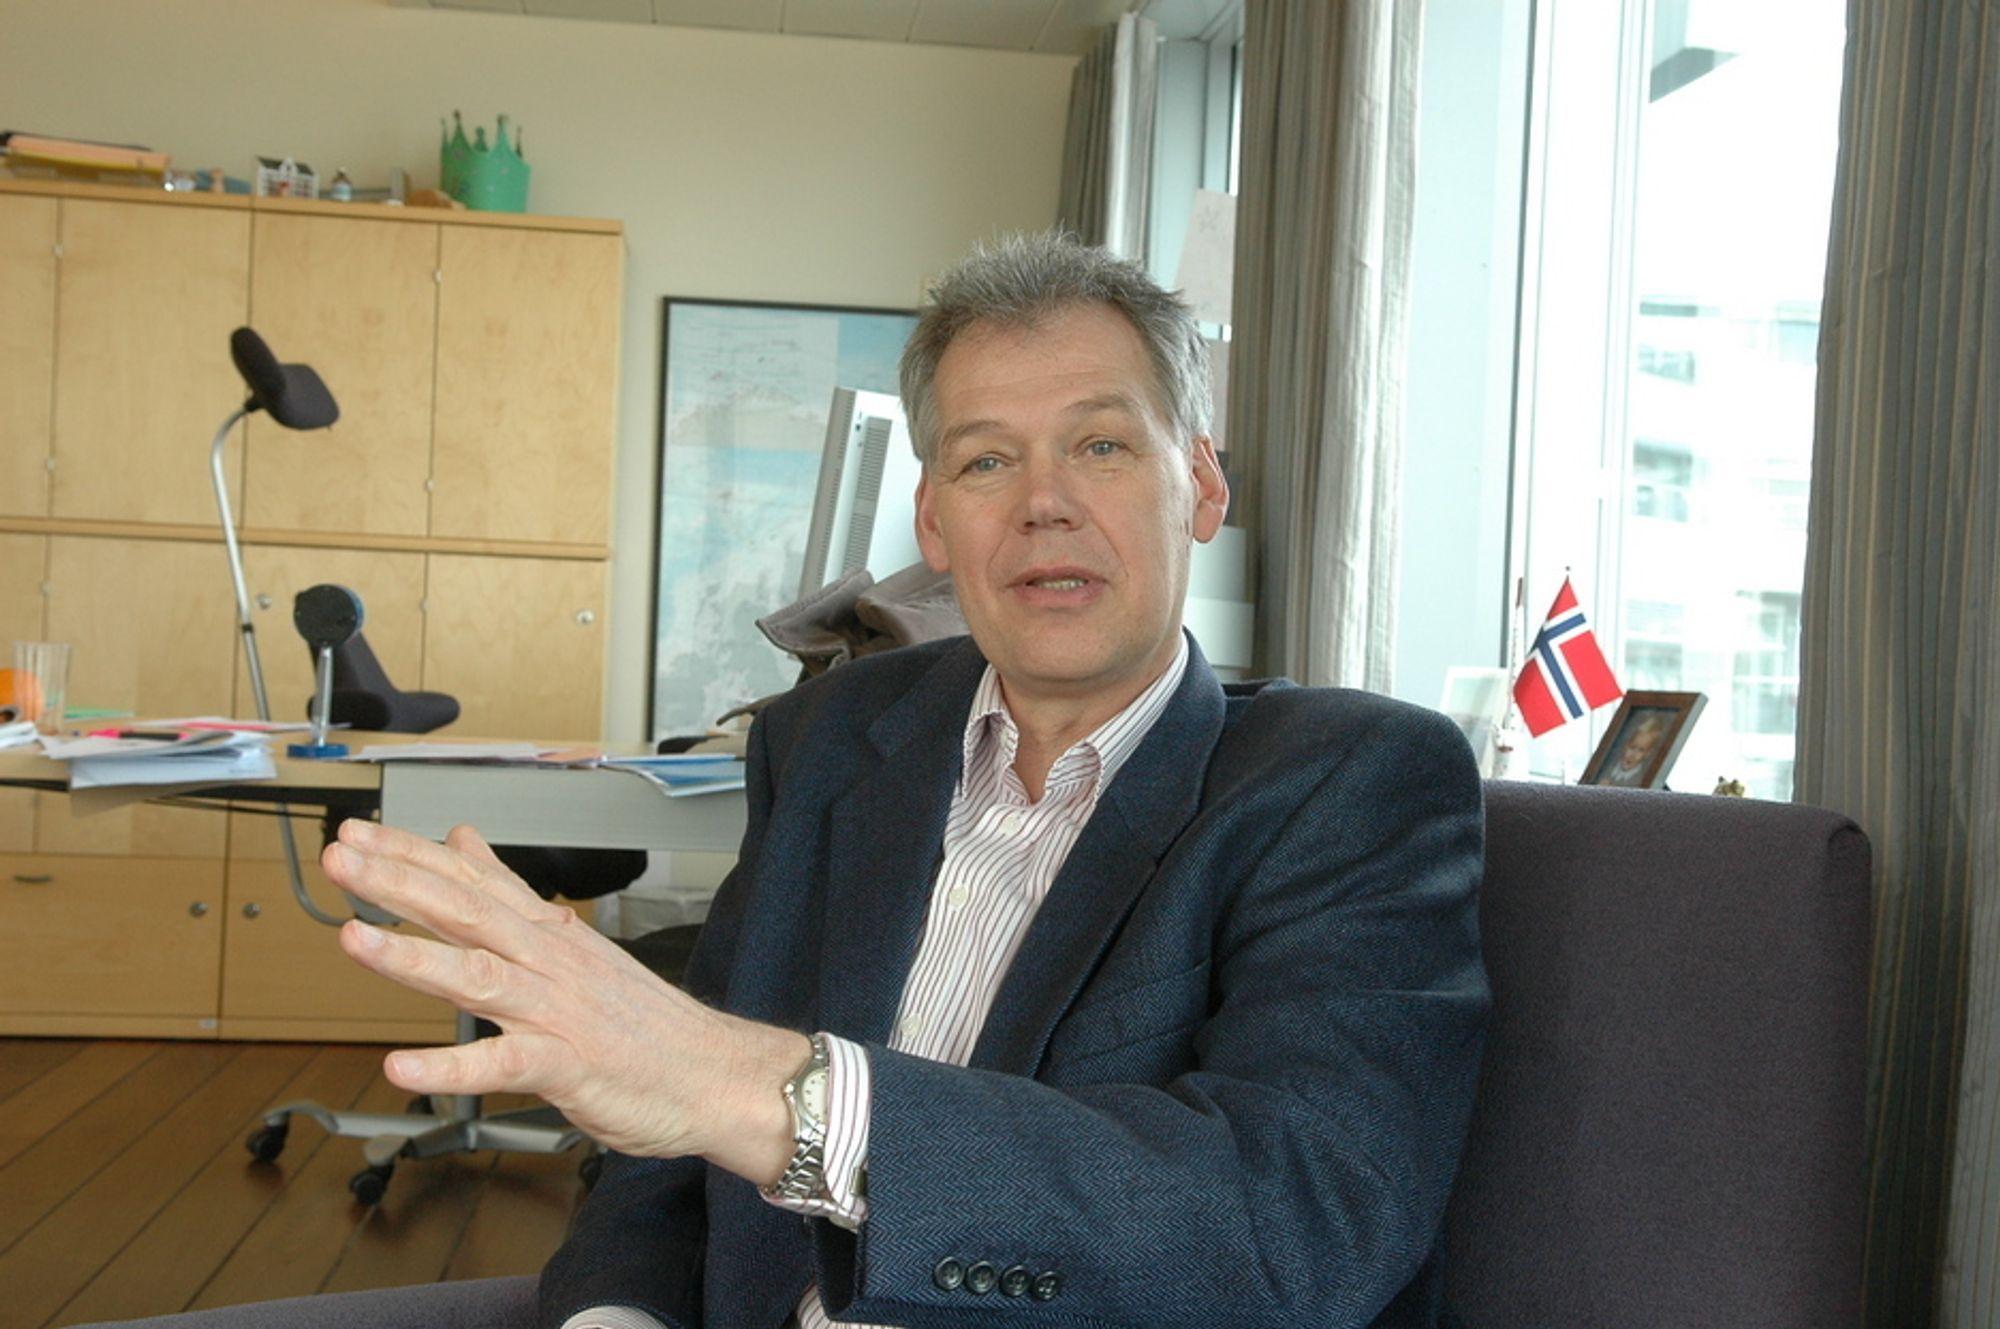 MER TIL PETROLEUMSFORSKNINGEN: - Det er kanskje viktigere enn noen gang nå å bevilge mer penger til petroleumsforskningen skal ressursene på norsk sokkel utnyttes, sier Hugo Sandal.